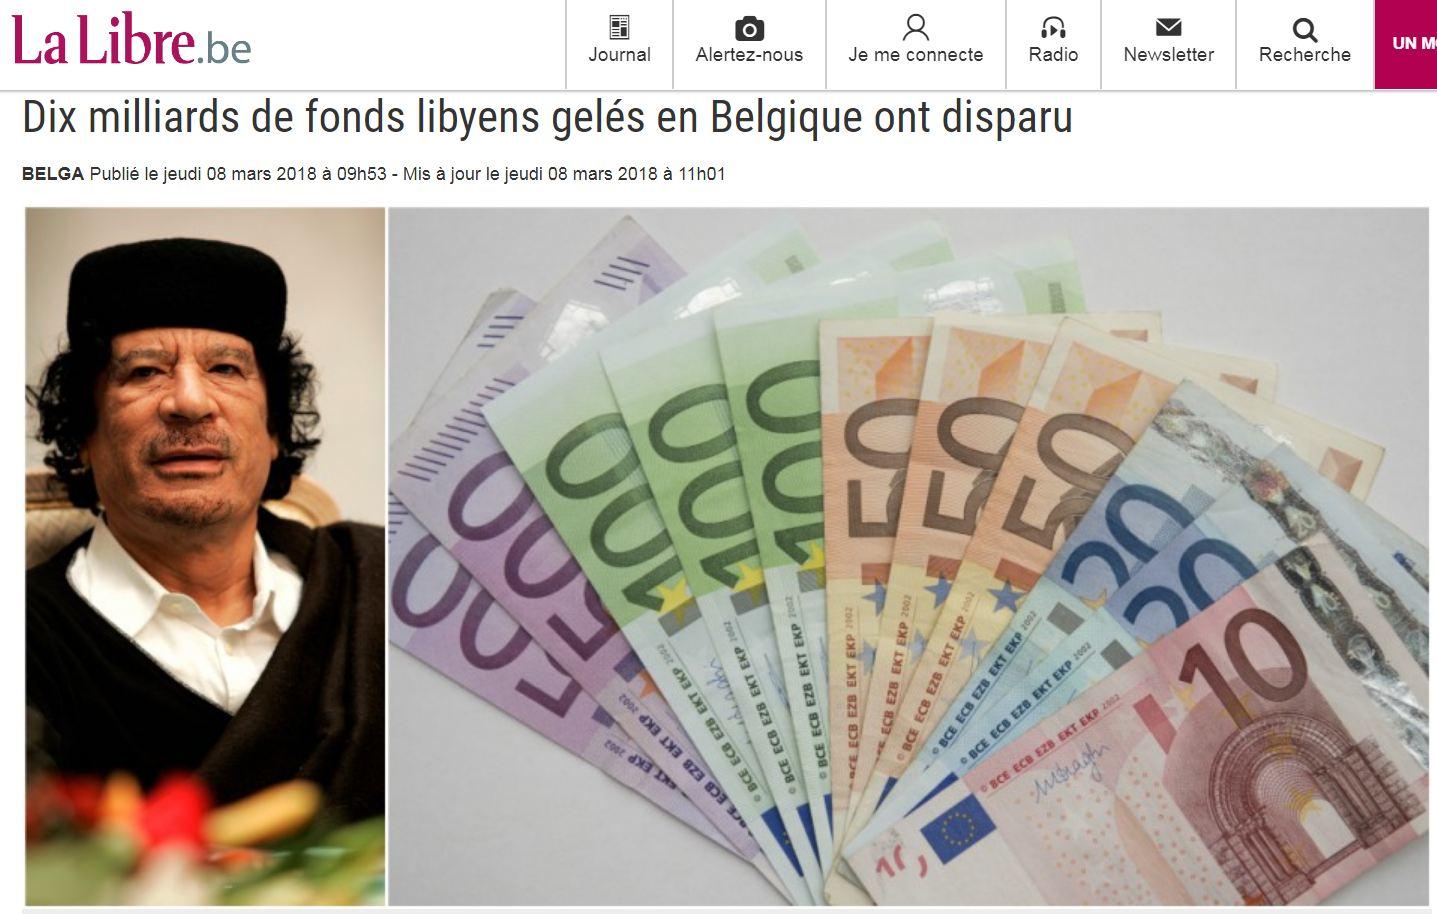 ELAC - Belgique fonds libyens (2018 03 08) FR